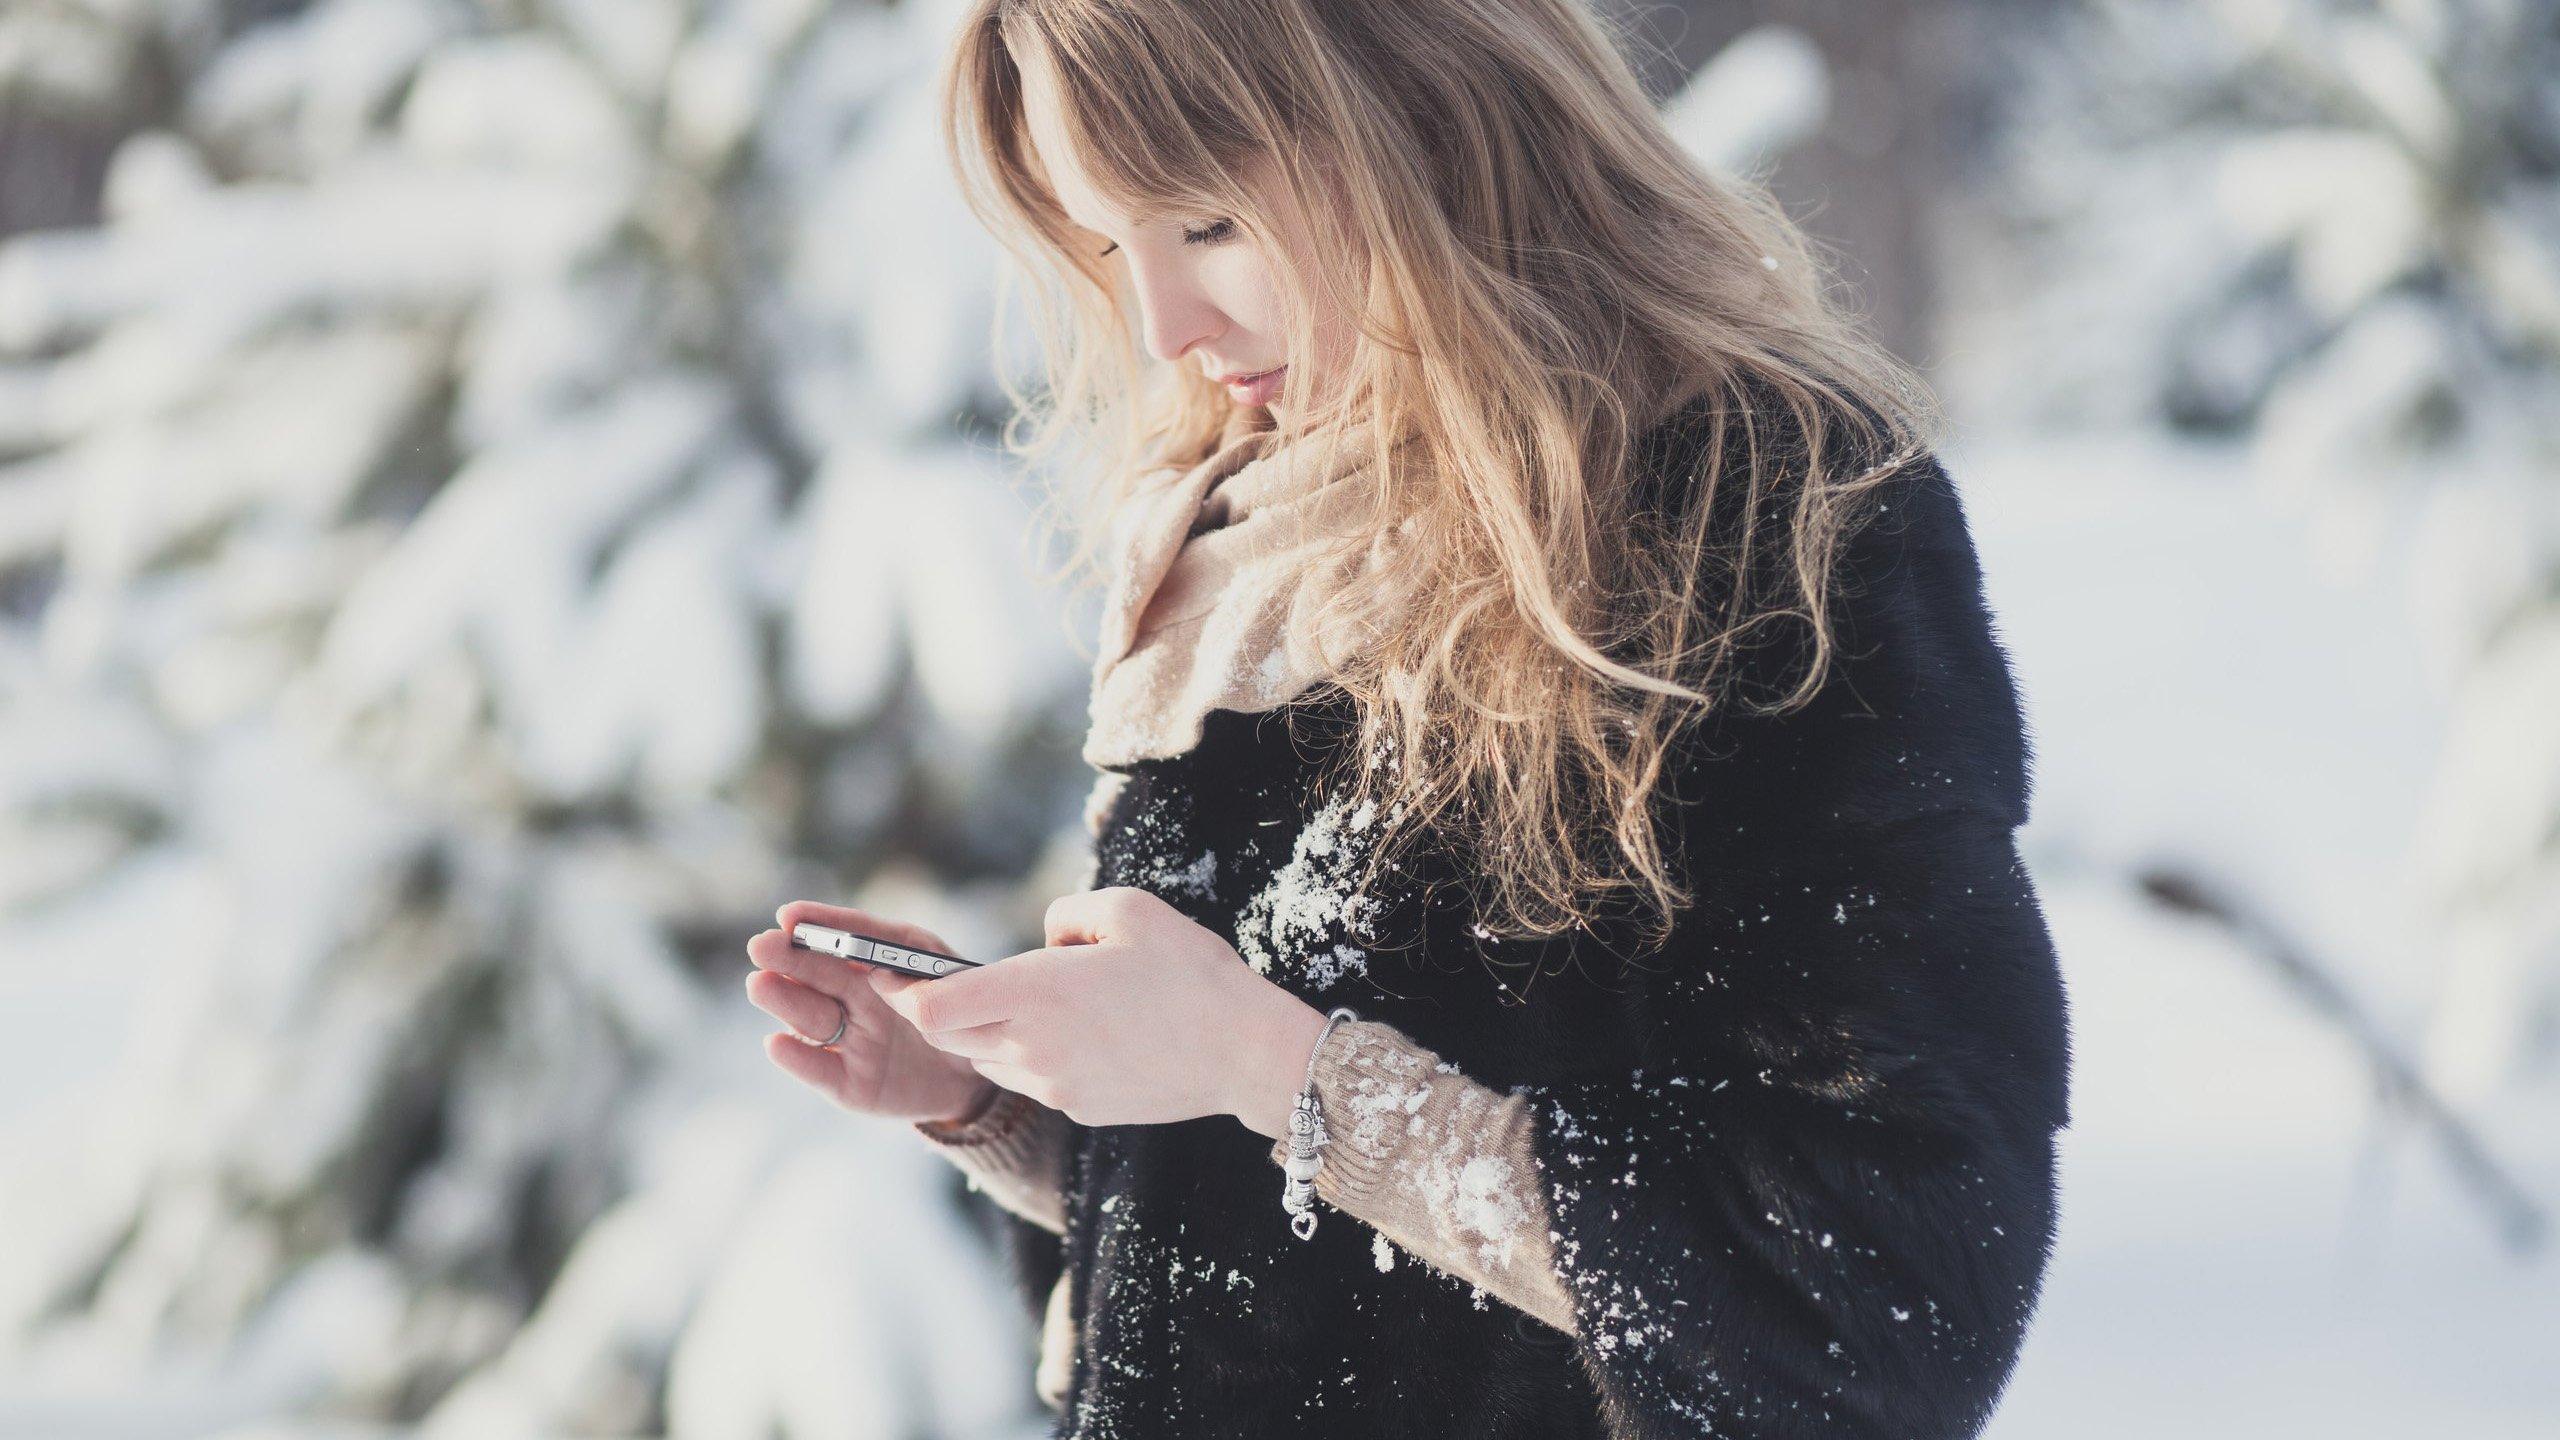 Як користуватись смартфоном на холоді: практичні поради